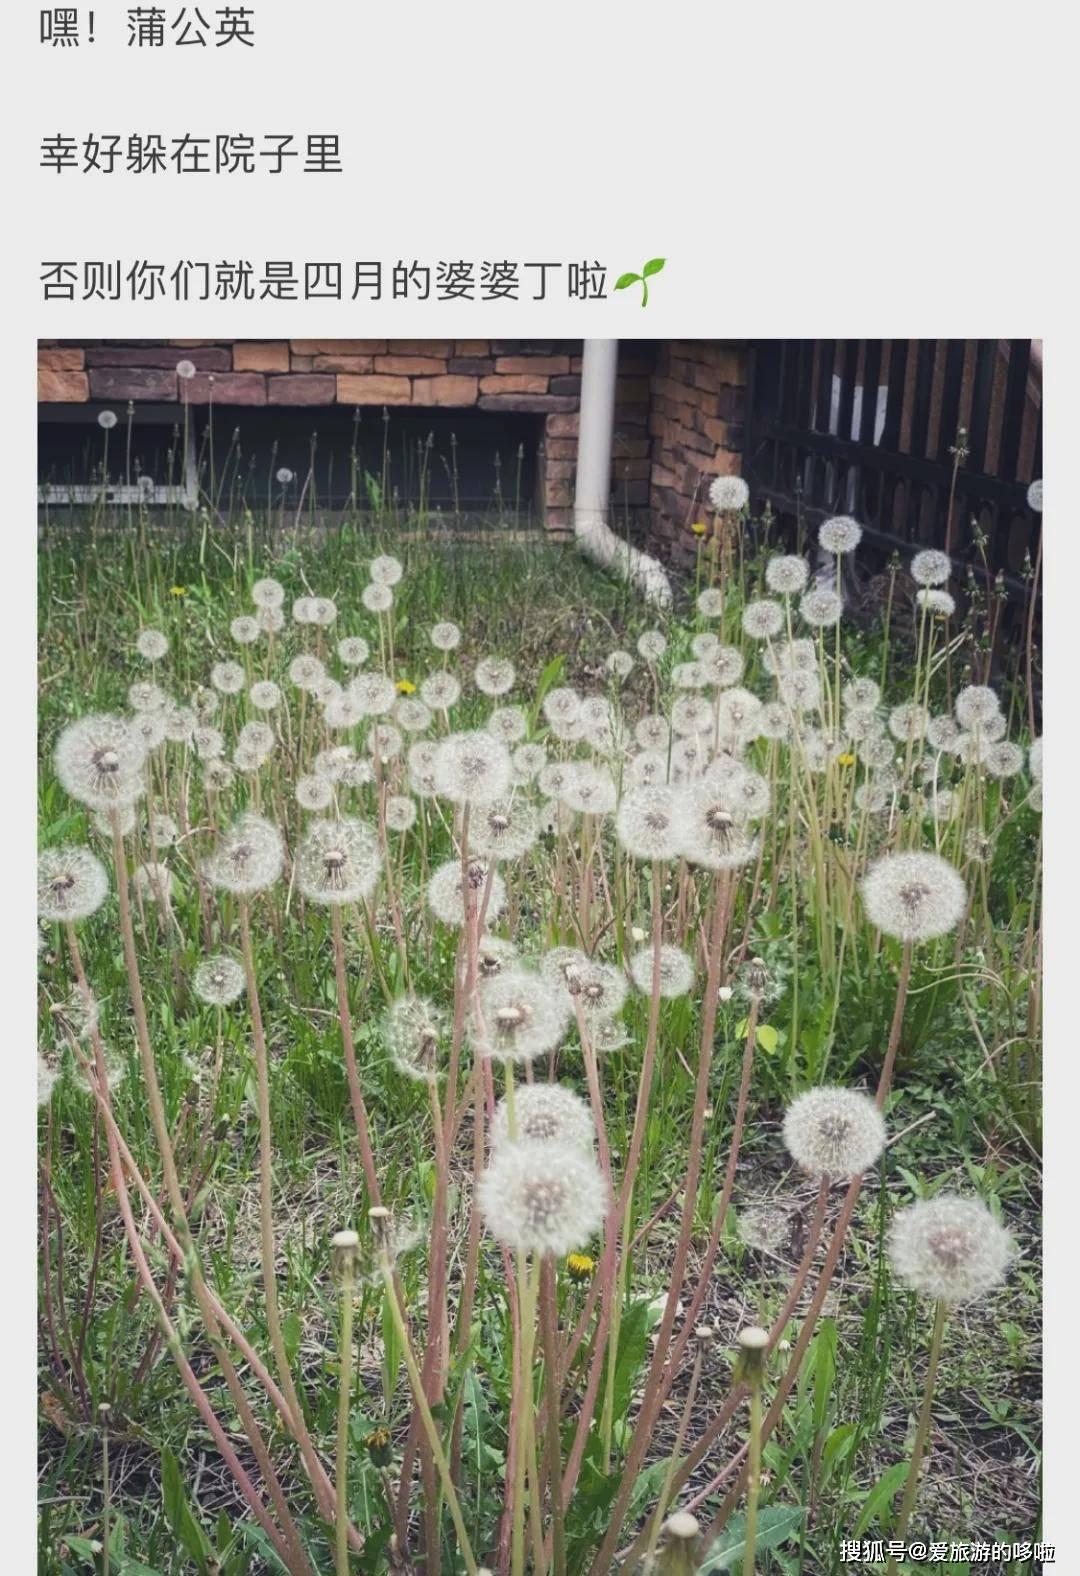 东北人:春天到了,挖点蒲公英吃吃吧